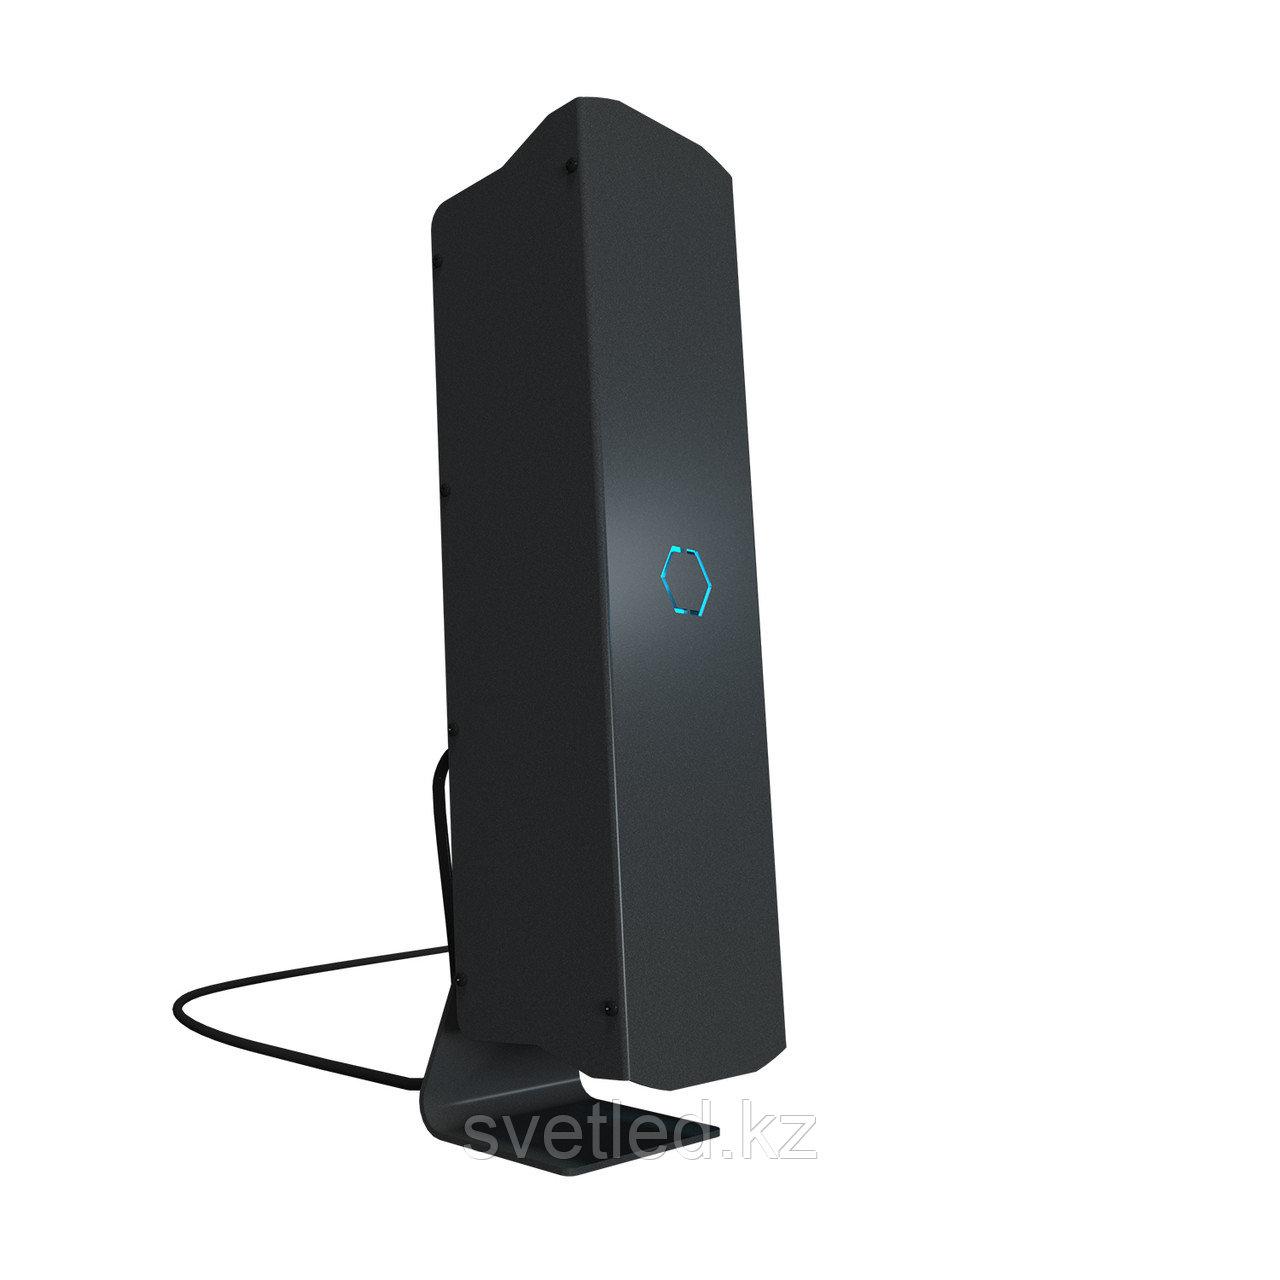 Очиститель воздуха ультрафиолетовый (рециркулятор) «Солнечный Бриз-1 Black edition